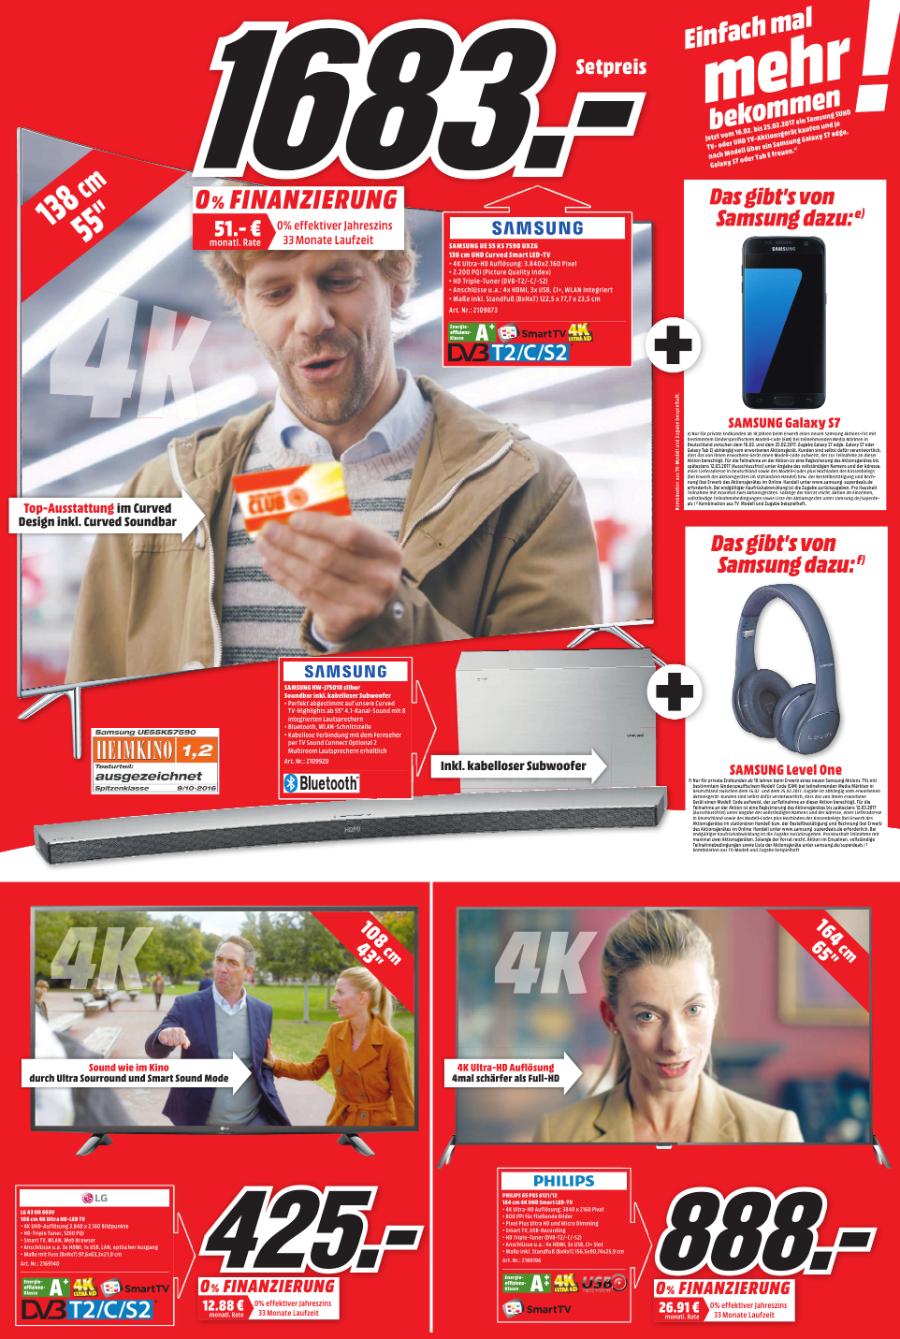 [Lokal Media Markt Lieblos: Samsung-Bundle: UE 55 KS7590 UHD Curved LED TV + Soundbar HW-J7501R inkl. kabelloser Subwoofer + Kabelloser Kopfhörer Level One + Galaxy S7